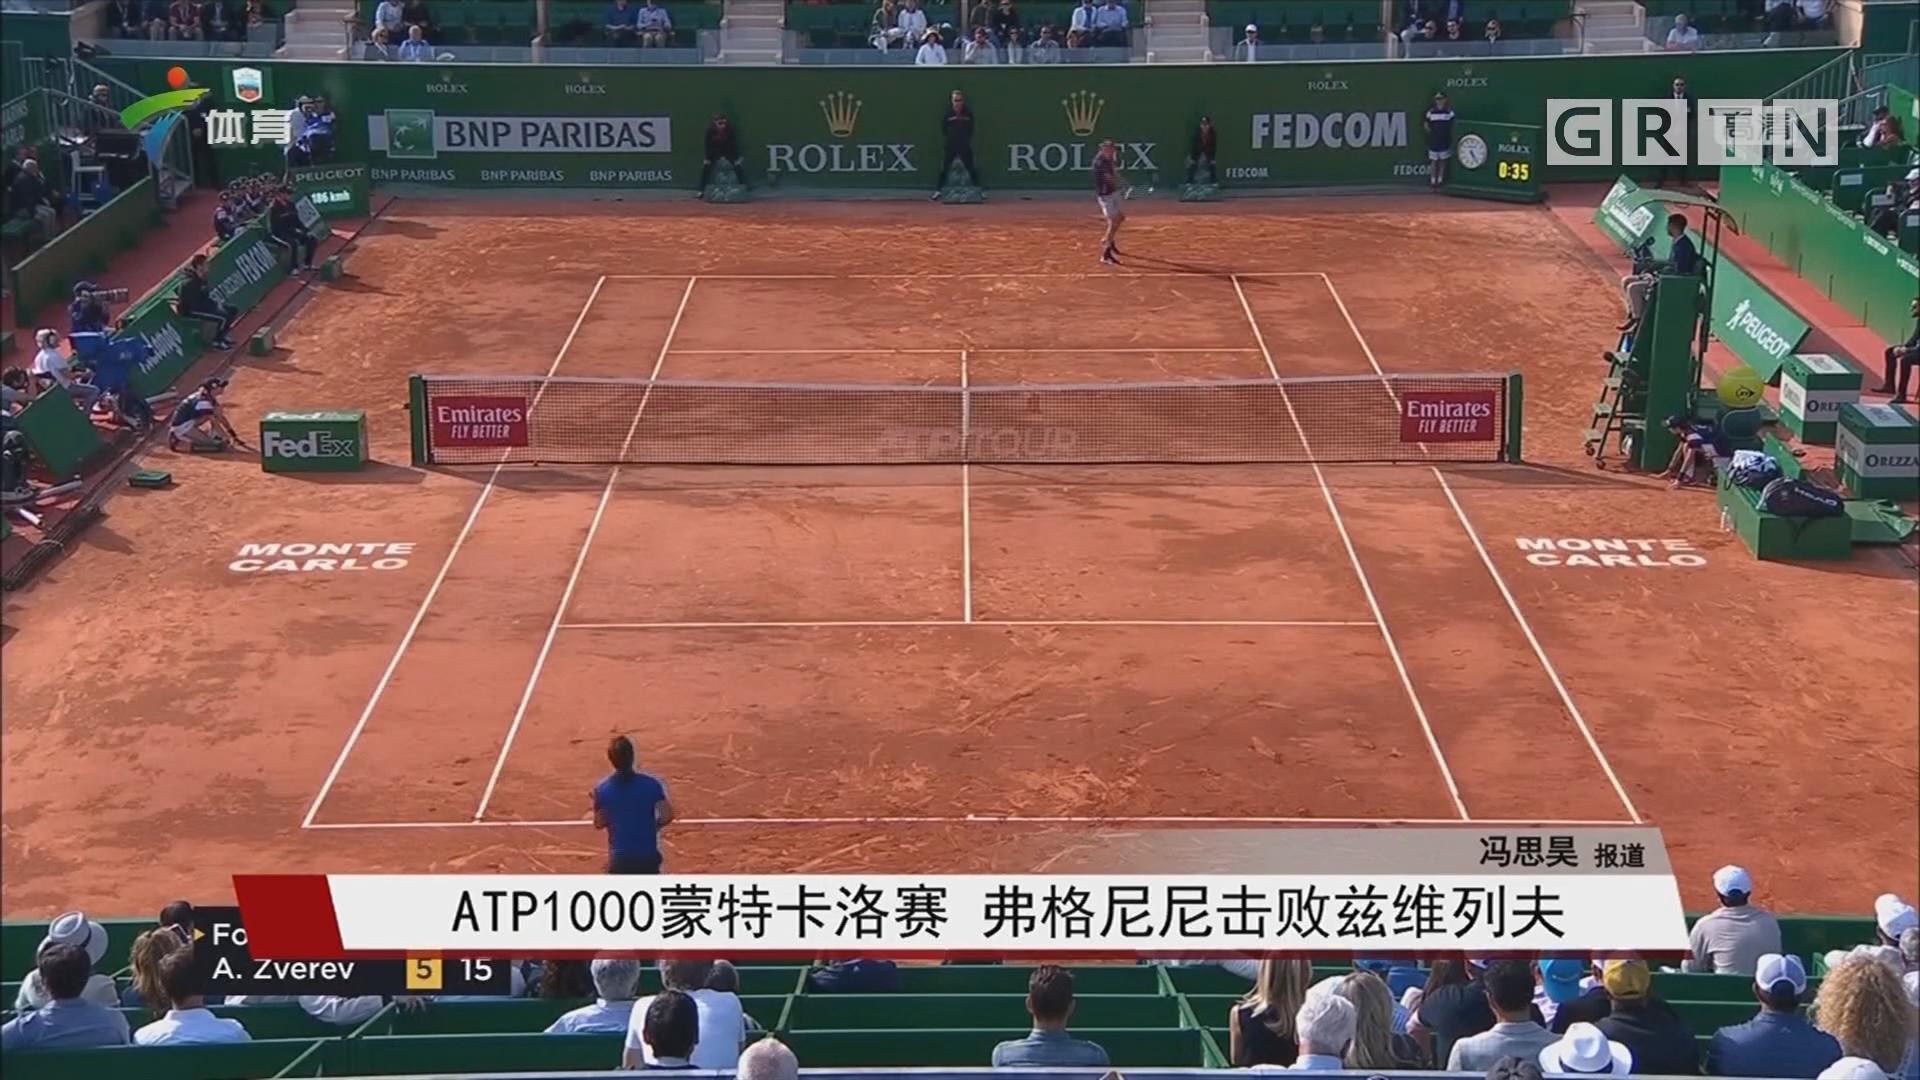 ATP1000蒙特卡洛赛 弗格尼尼击败兹维列夫